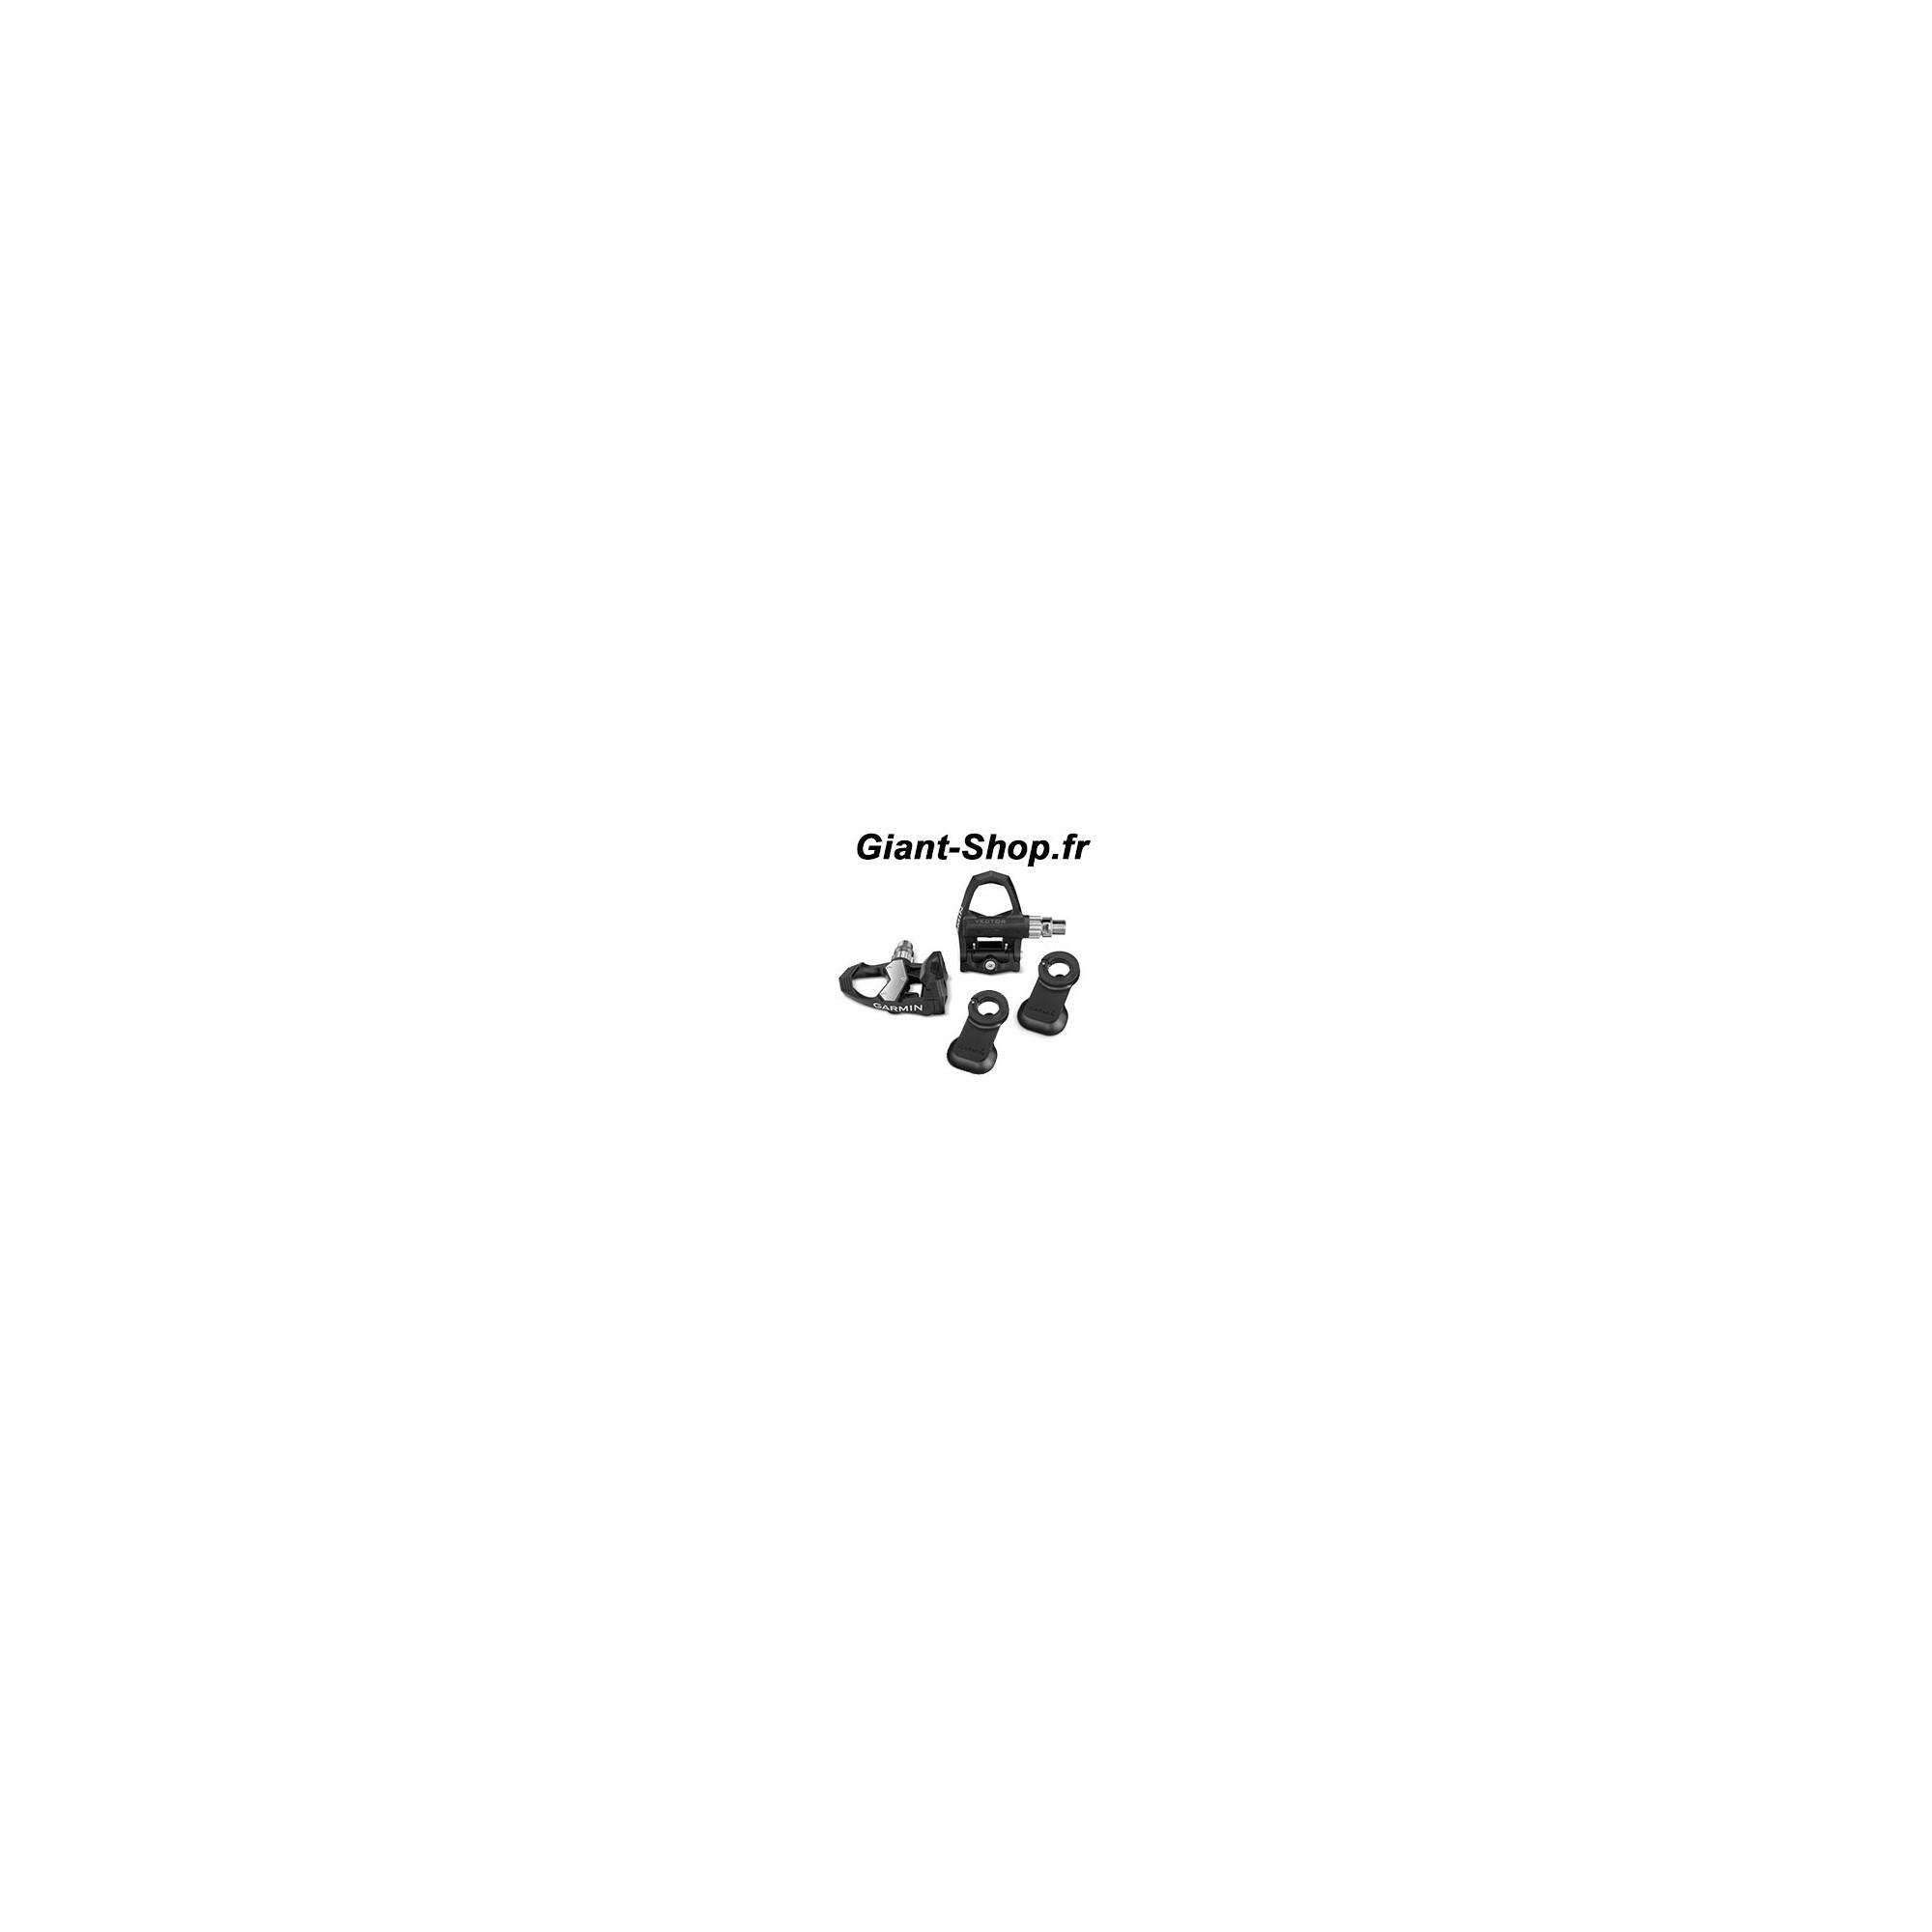 Capteur de puissance Garmin Vector 2